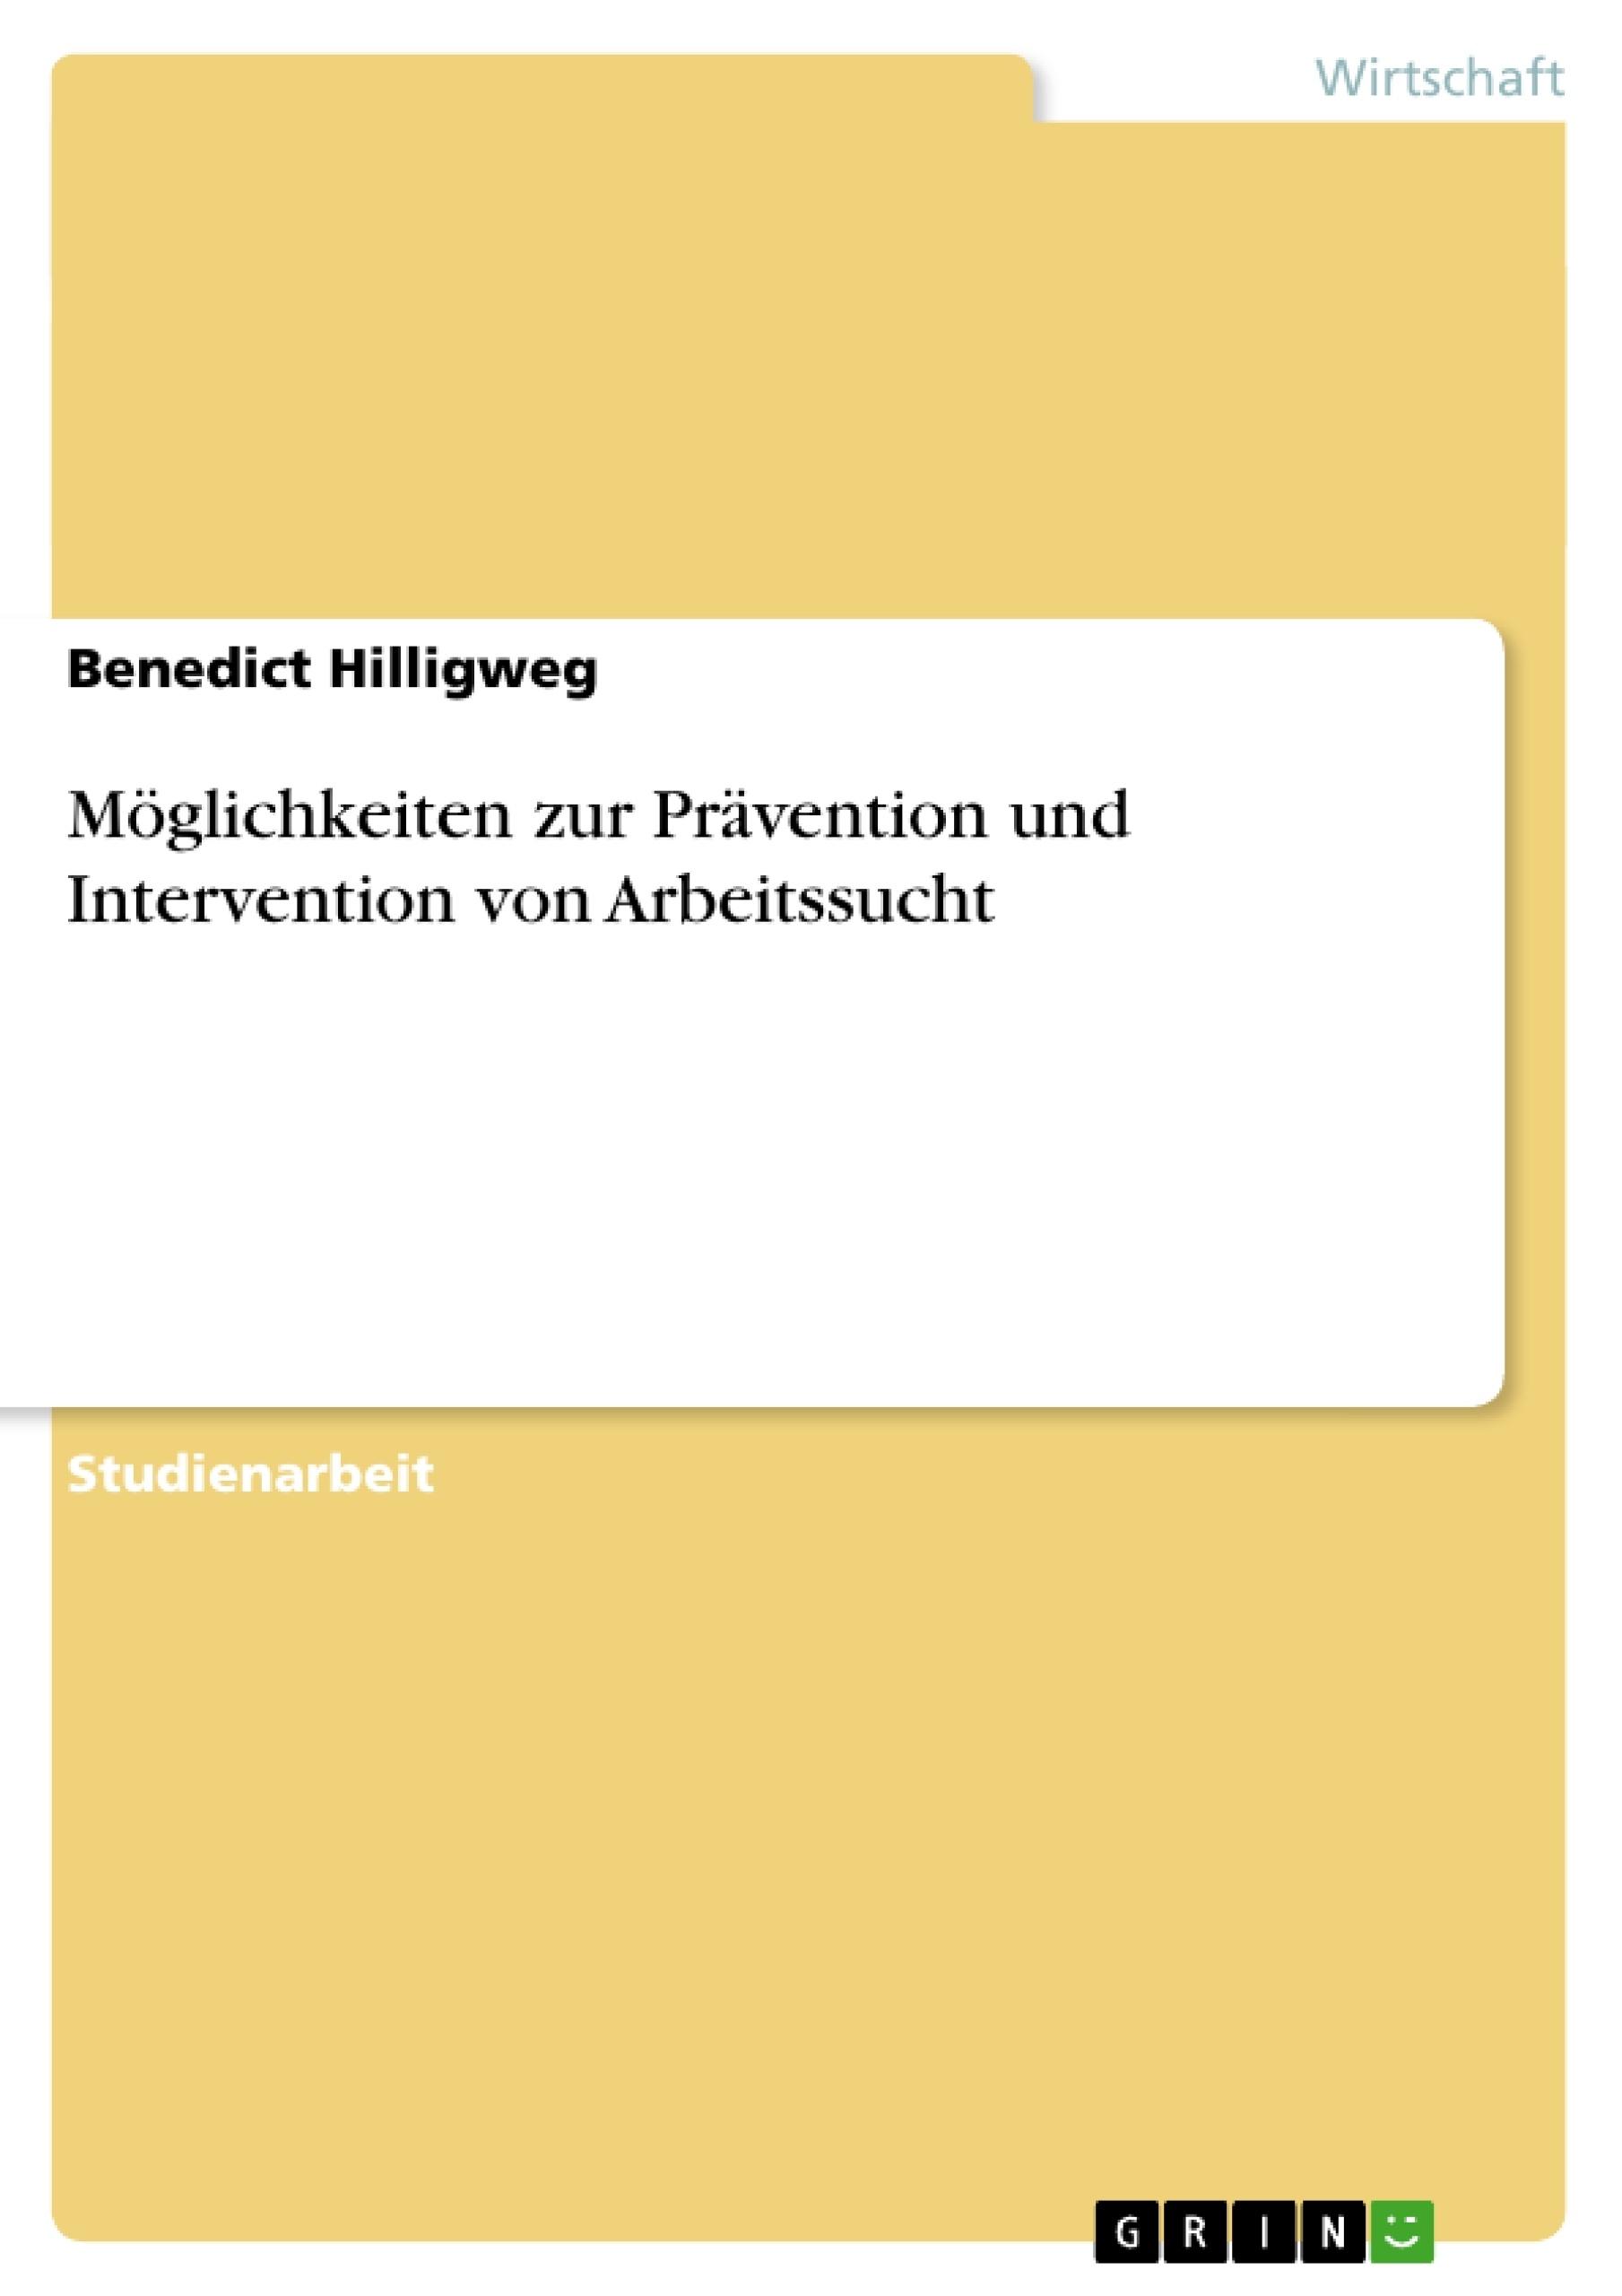 Titel: Möglichkeiten zur Prävention und Intervention von Arbeitssucht